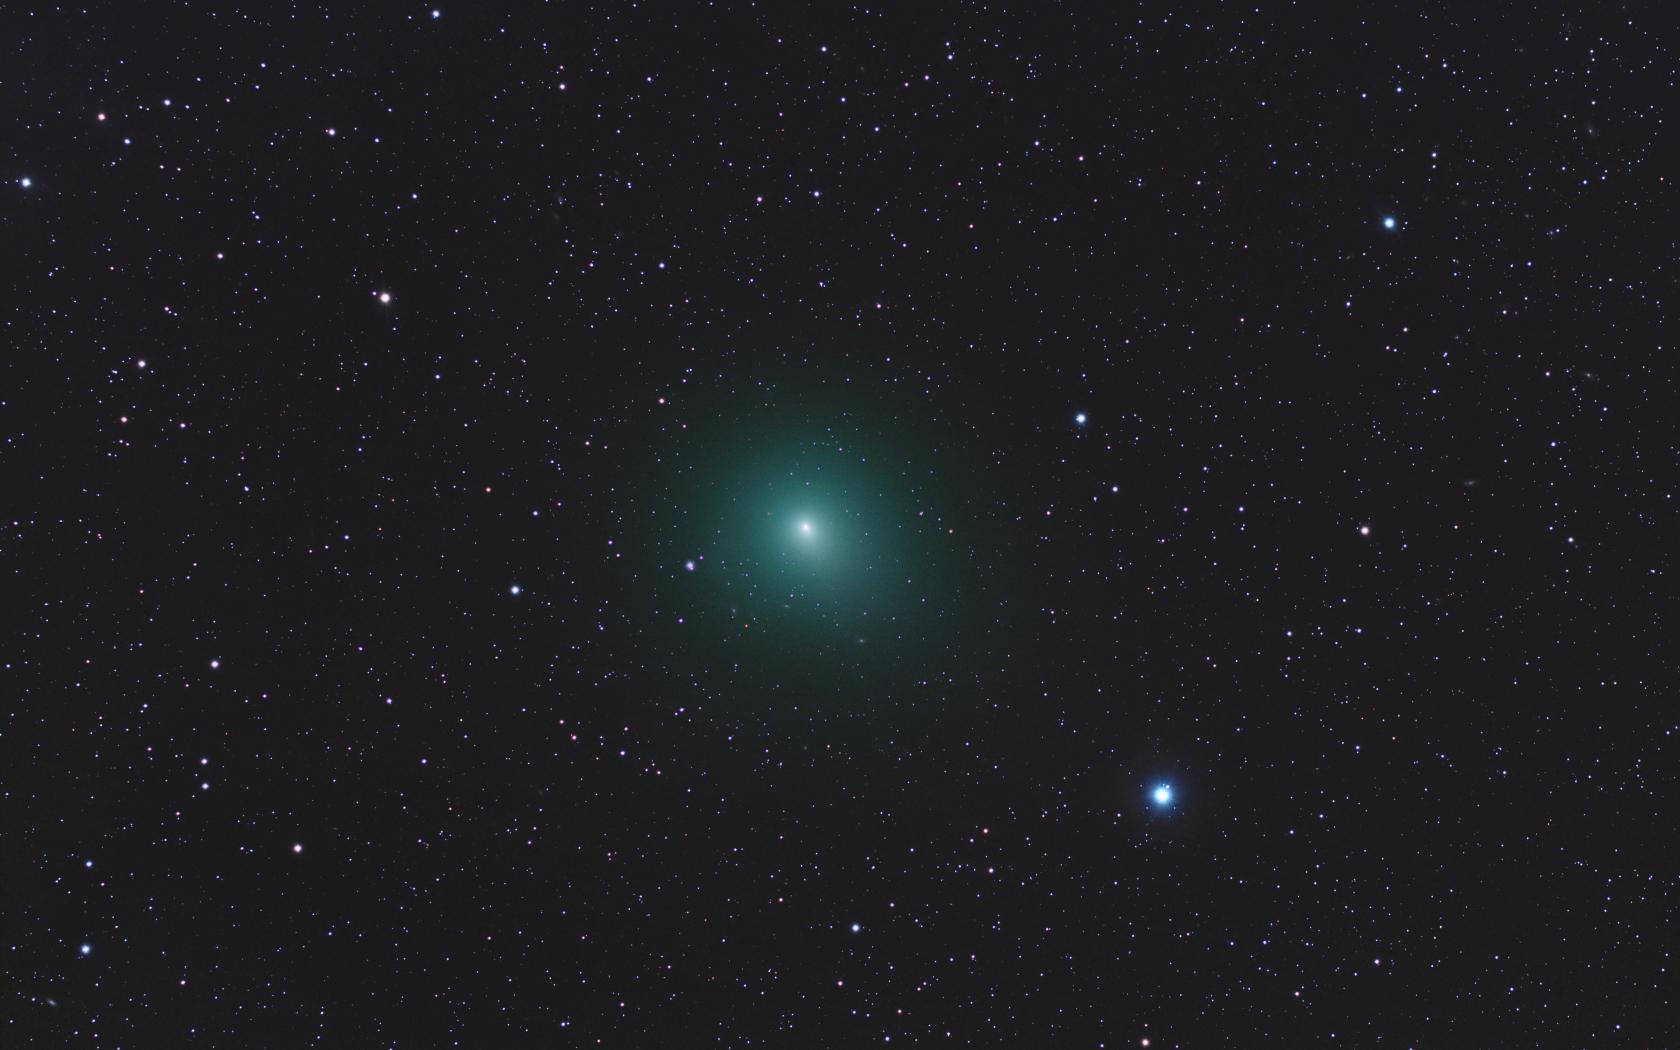 Astros en el espacio - 1680x1050